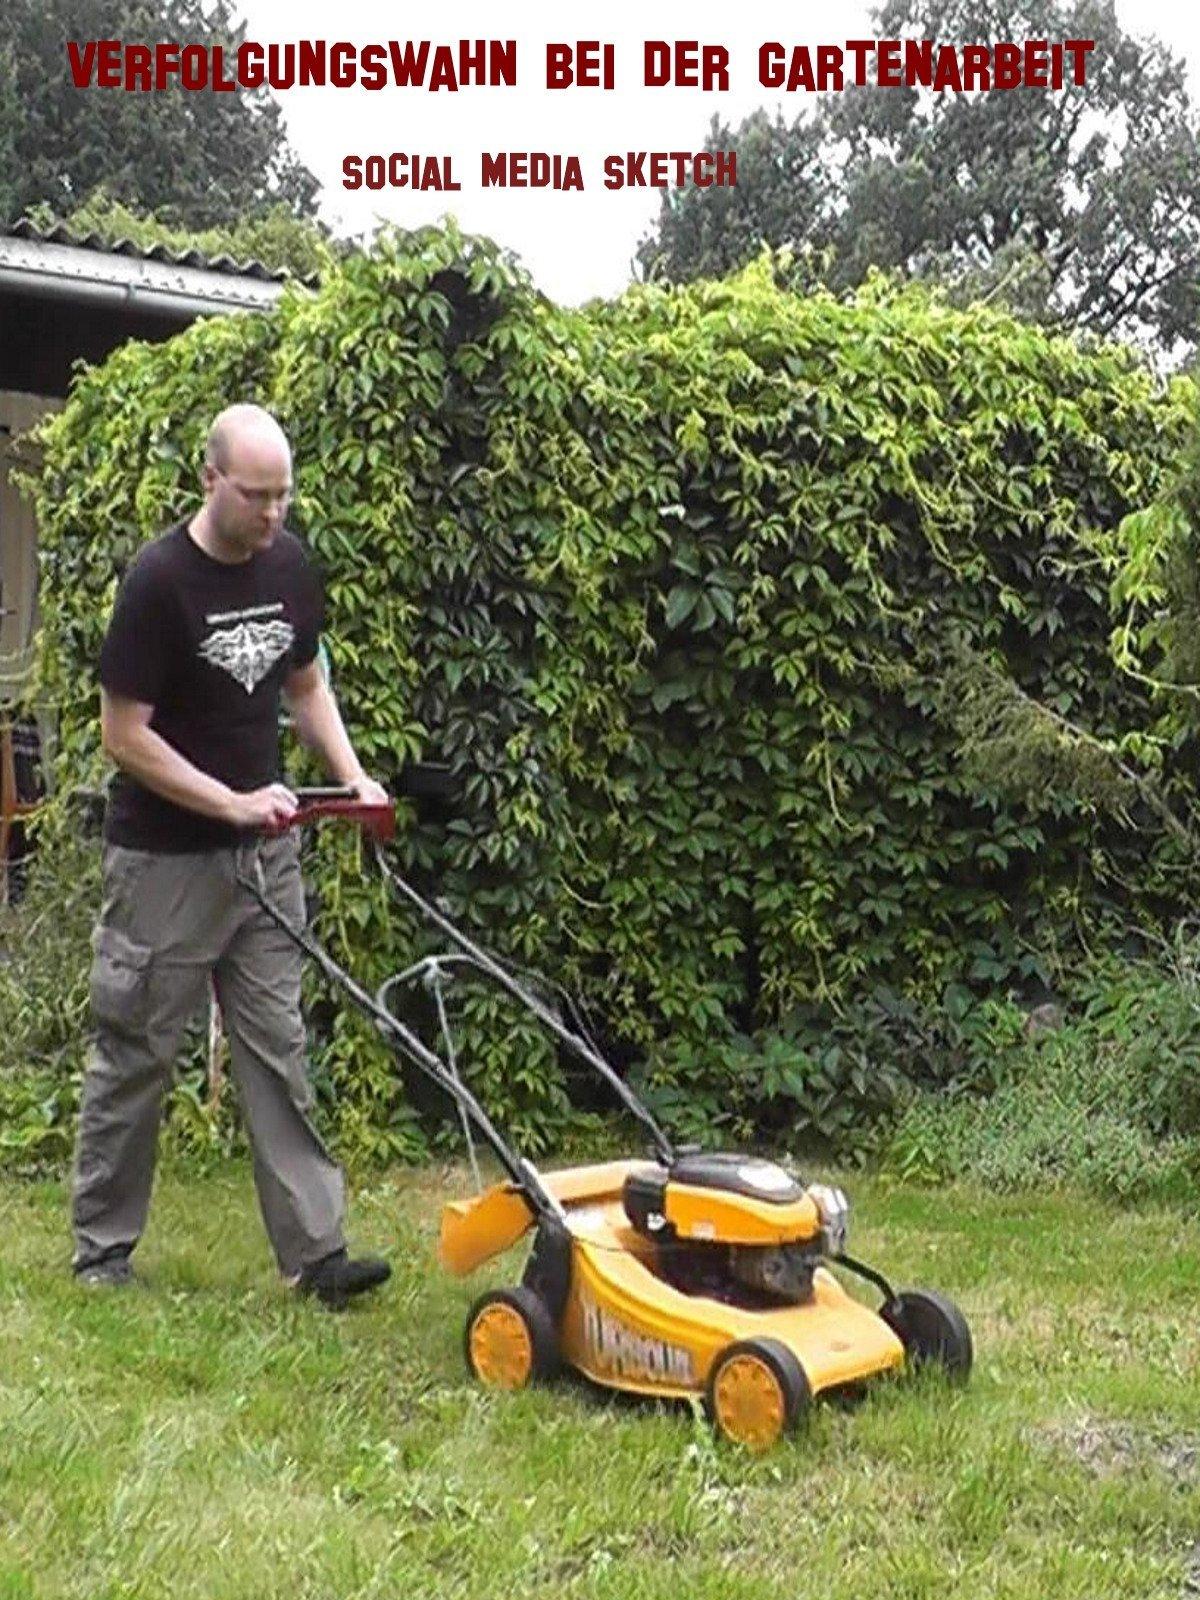 Verfolgungswahn bei der Gartenarbeit - Der Social Media Sketch